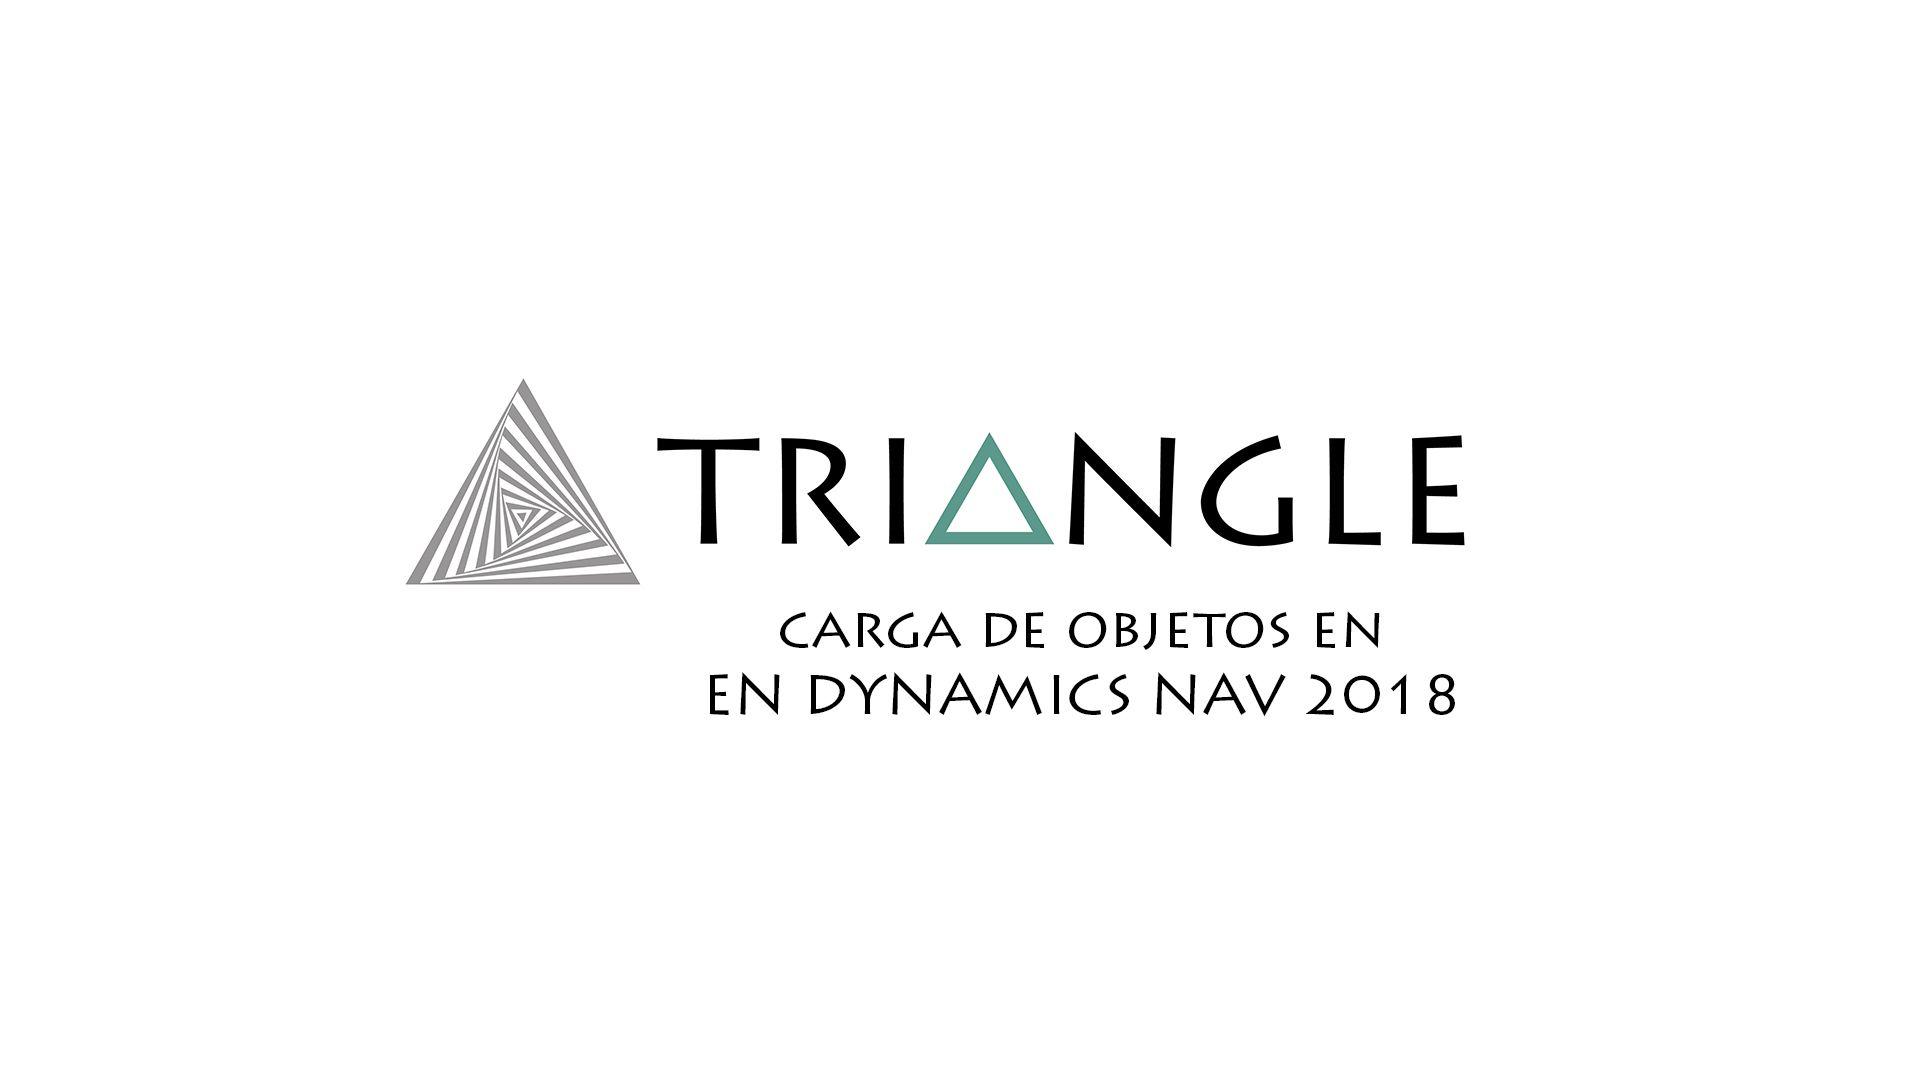 Carga de objetos en Dynamics NAV 2018